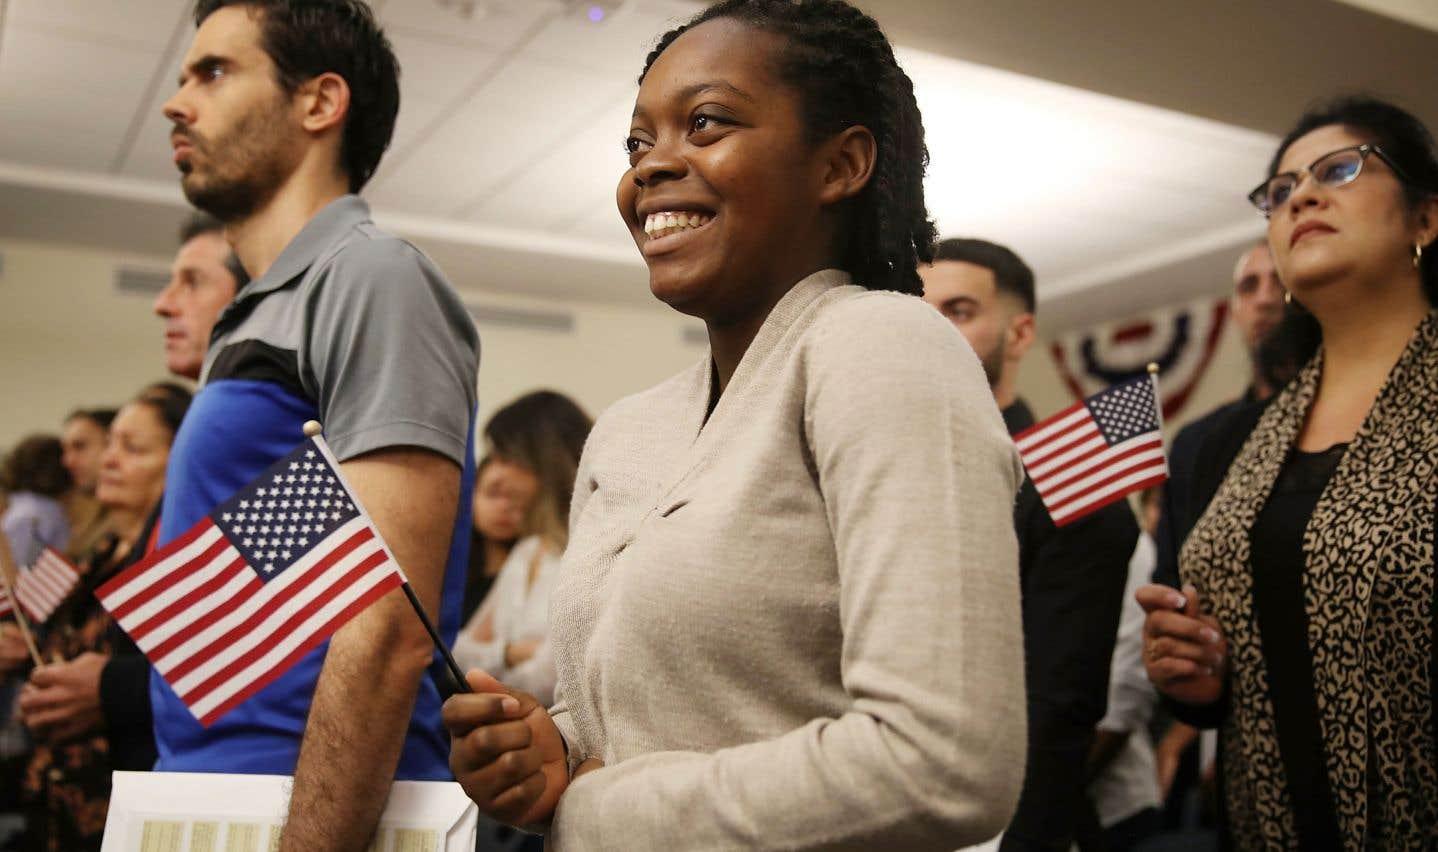 L'Haïtienne Elisabeth Volmar est devenue citoyenne américaine le 12 janvier dernier, à Hialeh en Floride. Cent cinquante personnes de différents pays ont pris part à la même cérémonie.